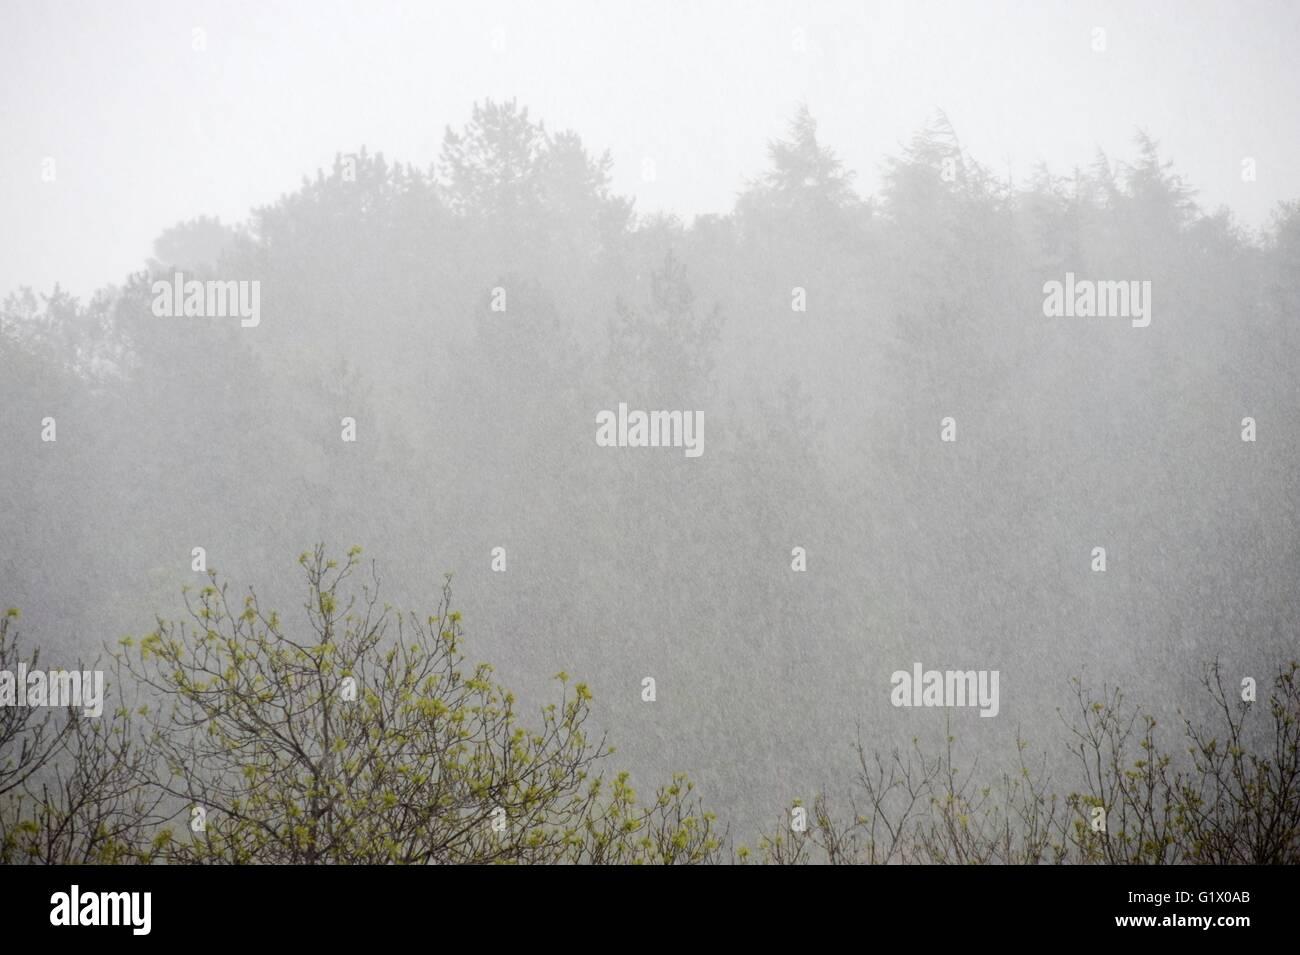 Lluvias torrenciales en un bosque mixto en primavera, Wales, REINO UNIDO Imagen De Stock